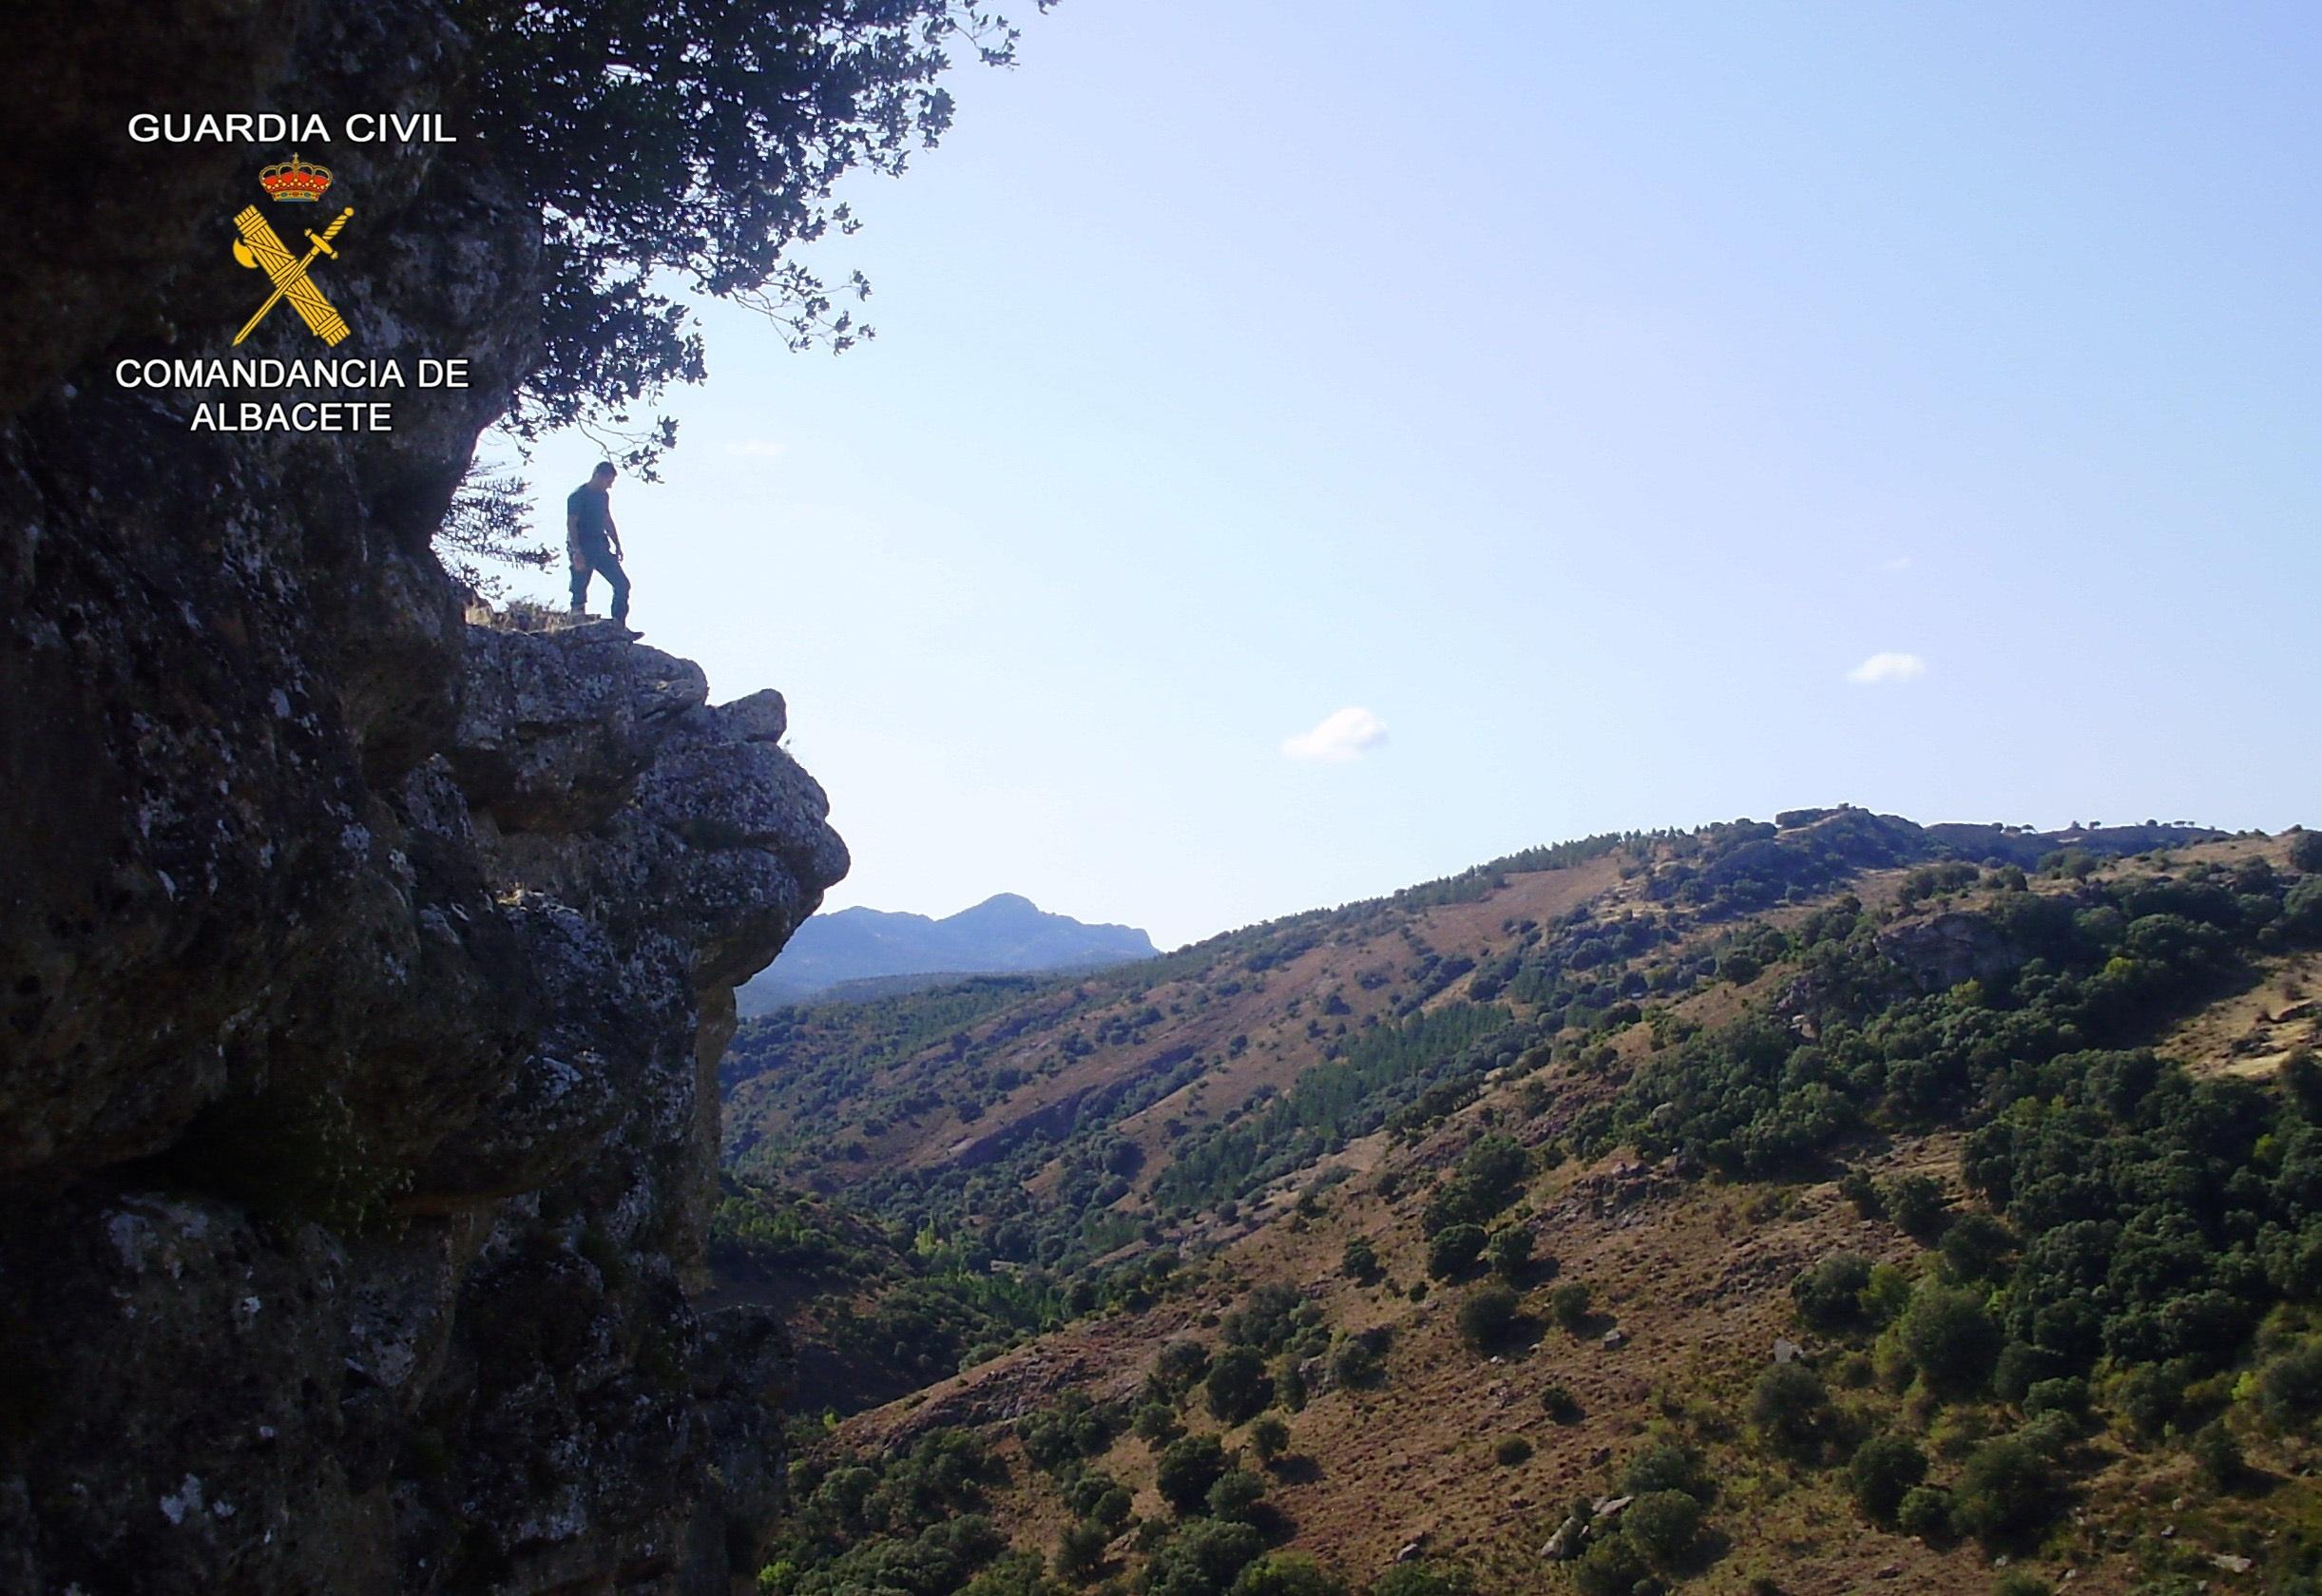 Rescatada una persona de 59 años tras sufrir una caída mientras cazaba en Yeste (Albacete)